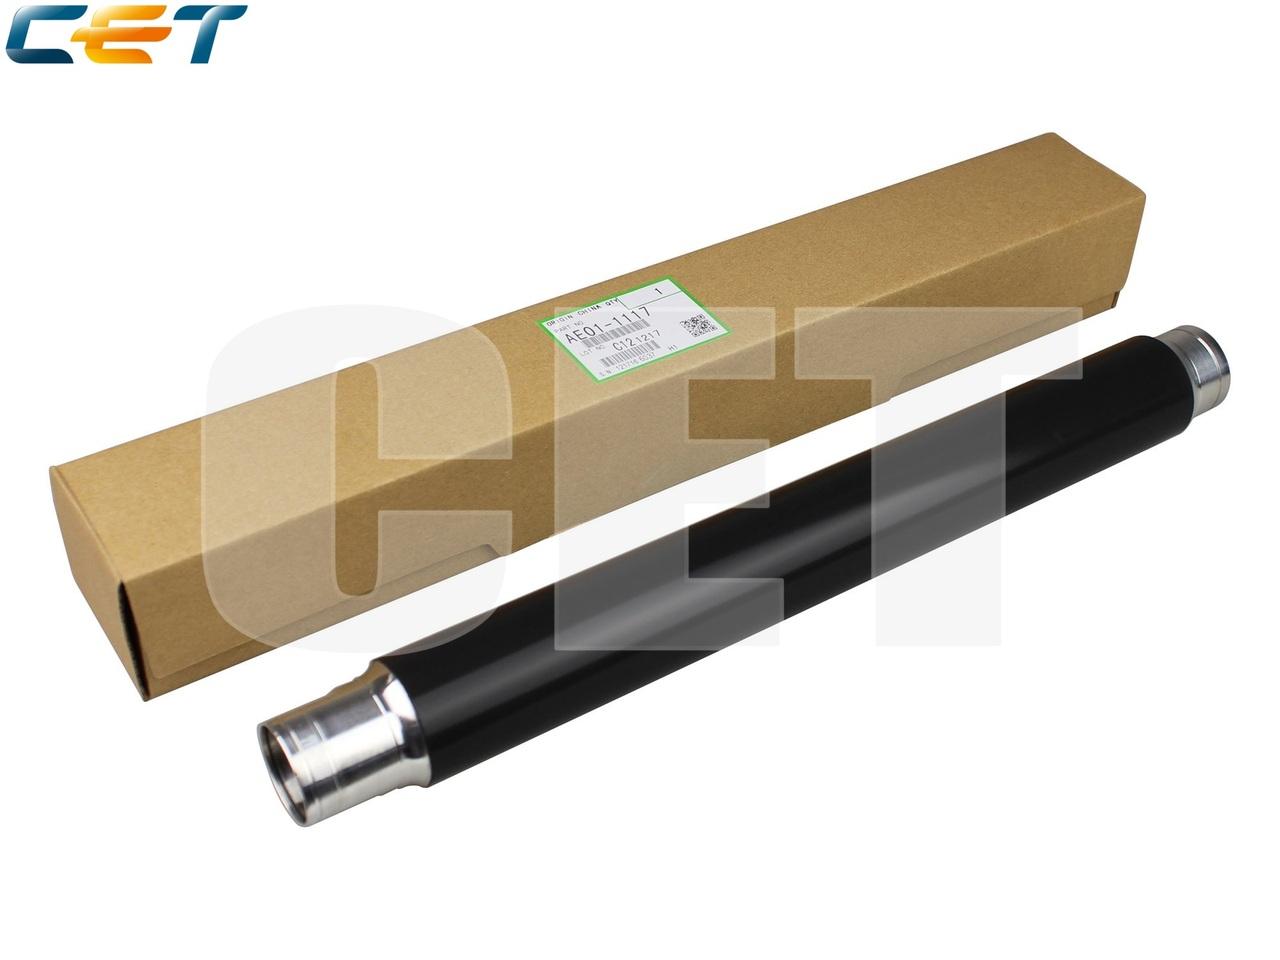 Тефлоновый вал (Long Life) AE01-1117 для RICOH Aficio2051/2060/2075 (CET), CET6037